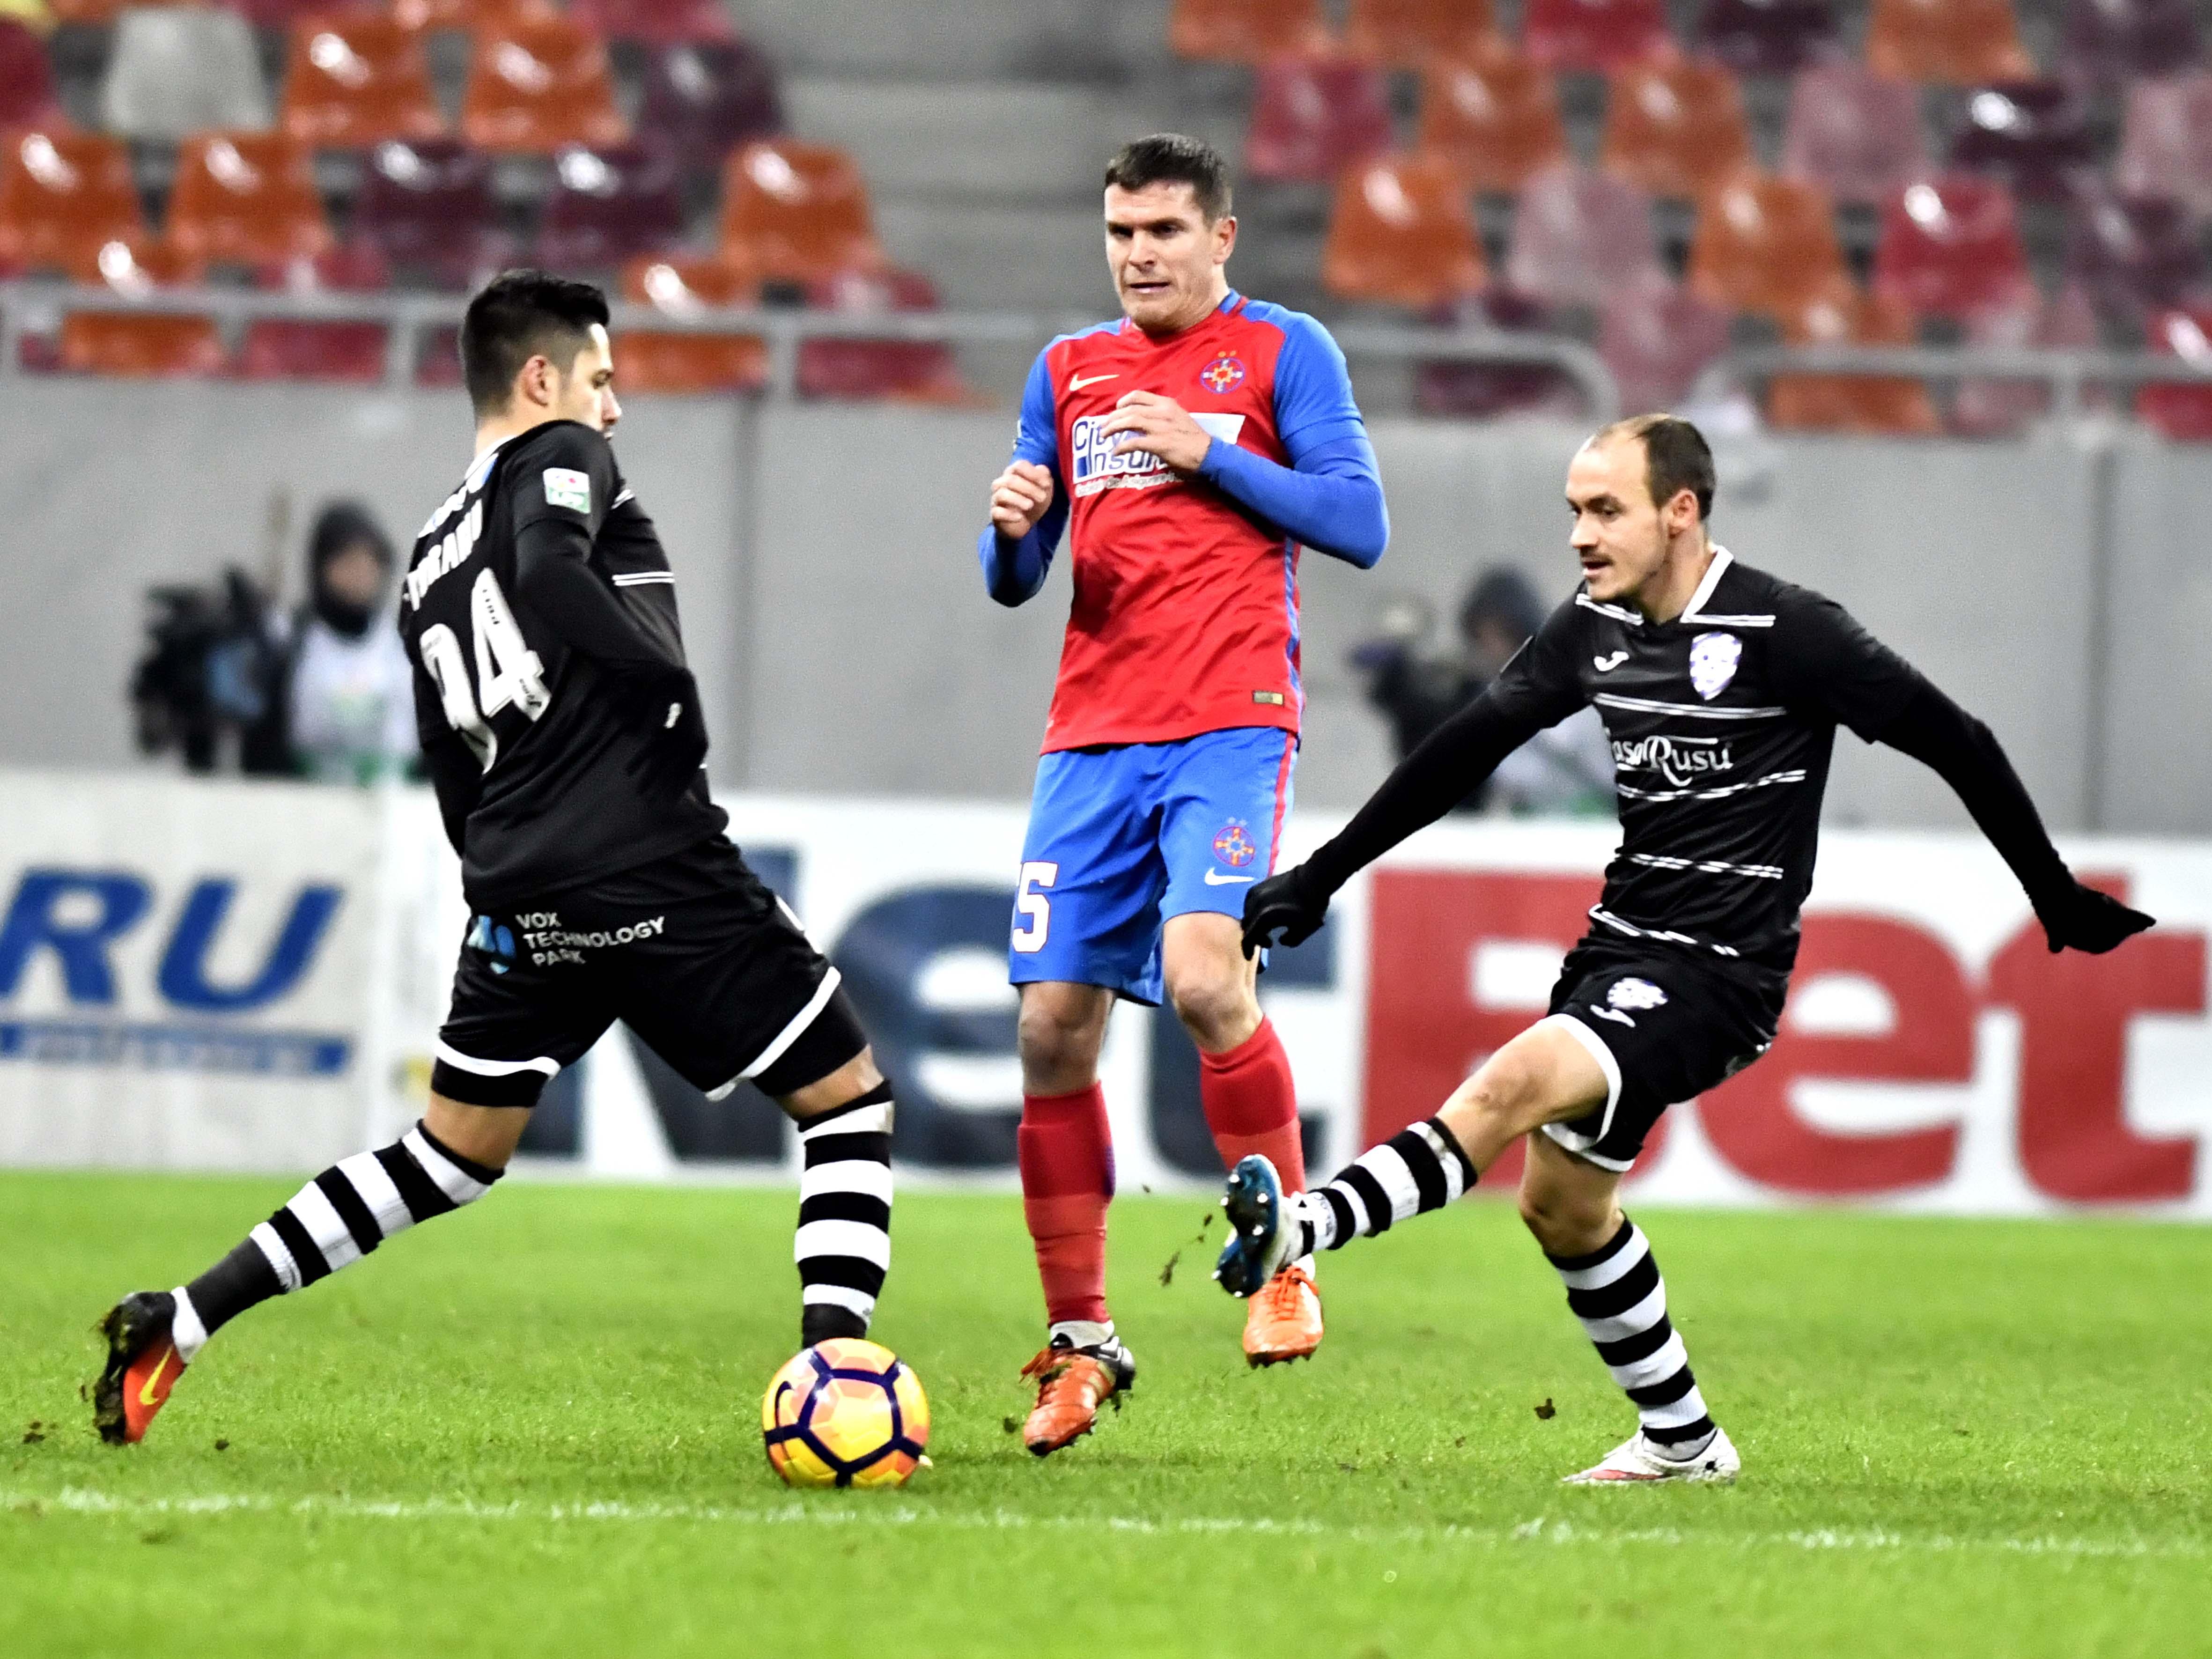 Bourceanu a fost prezentat oficial la Dunărea Călăraşi! Mijlocaşul în tricoul FCSB într-un meci disputat pe Arena Naţională, cu ACS Politehnica Timişoara